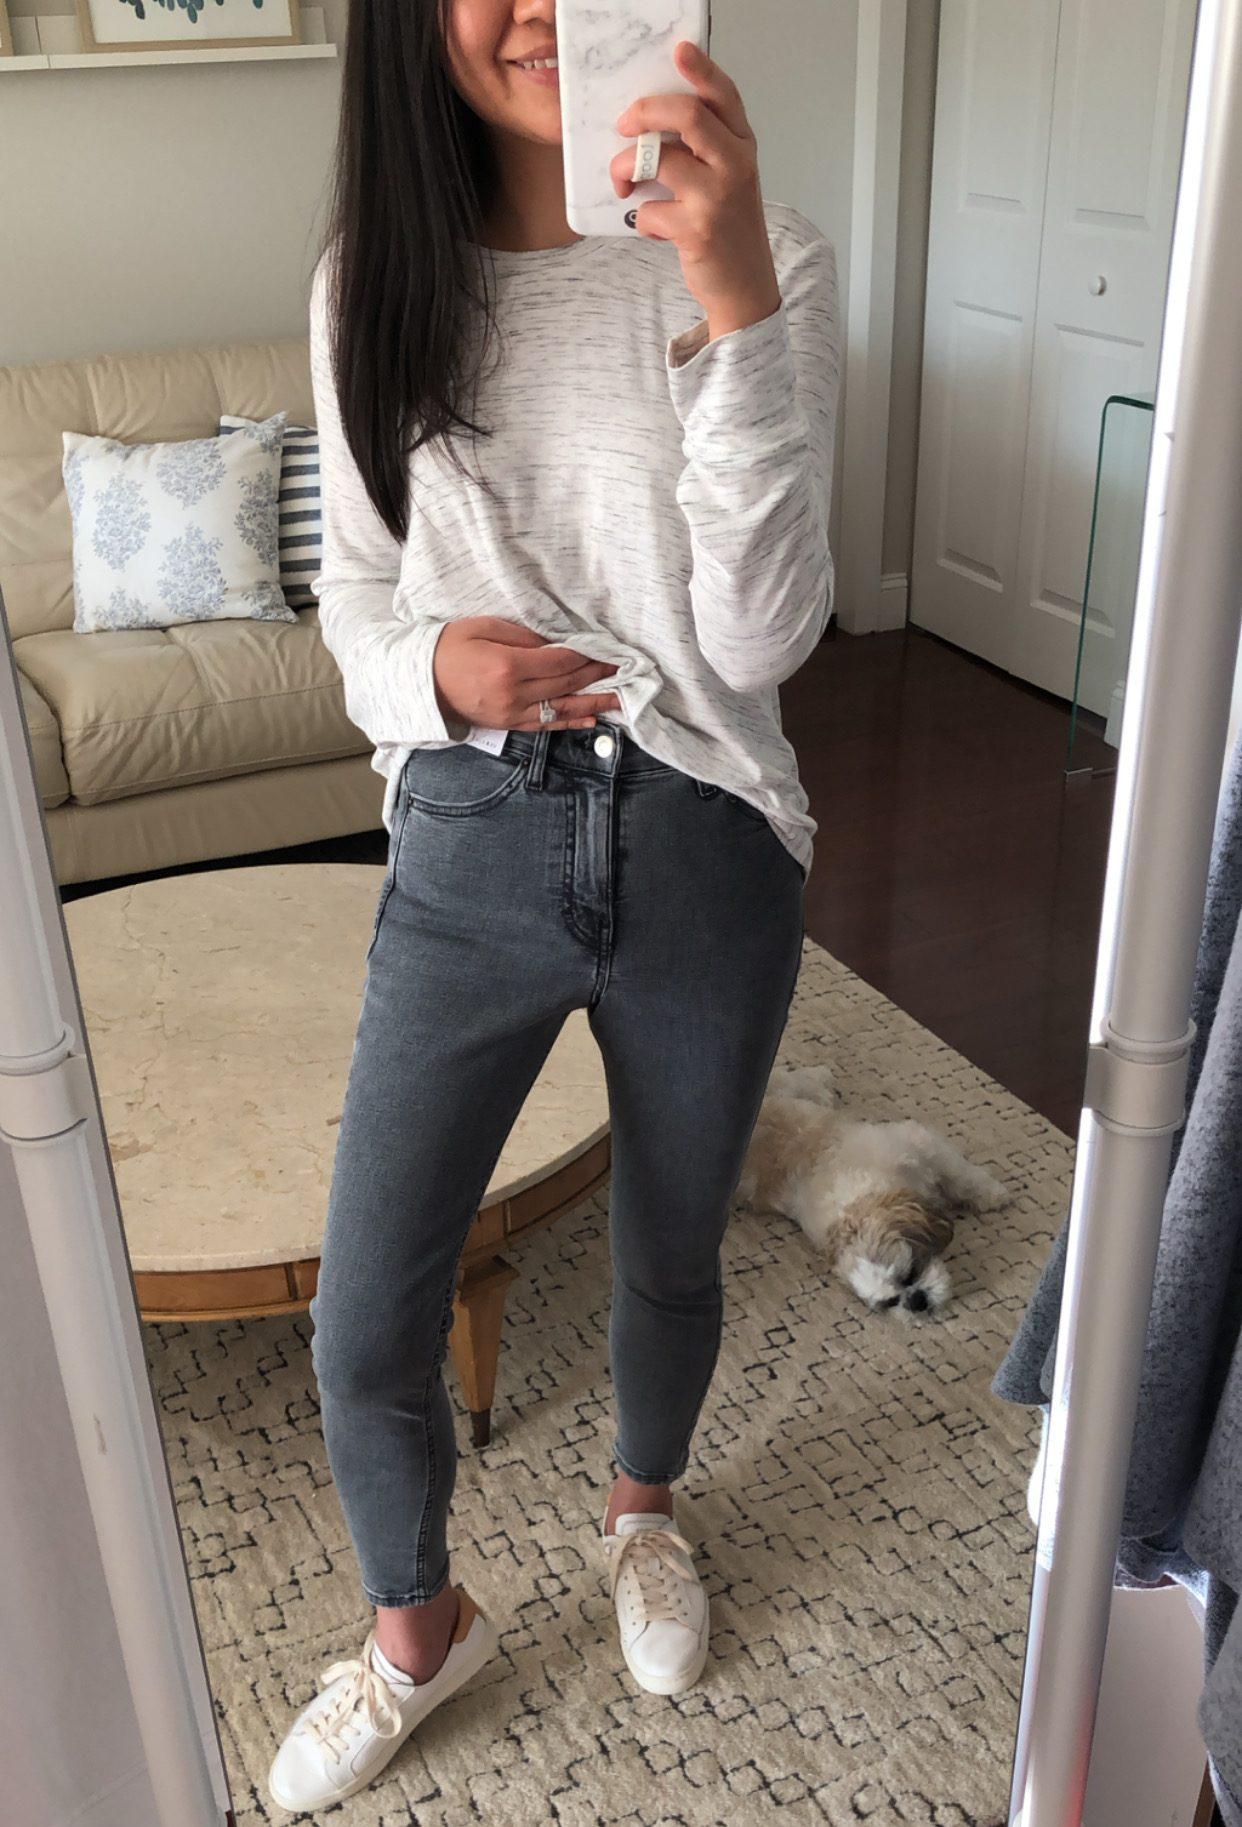 Topshop New Grey Jamie High Waist Crop Skinny Jeans, size 26W x 28L Petite